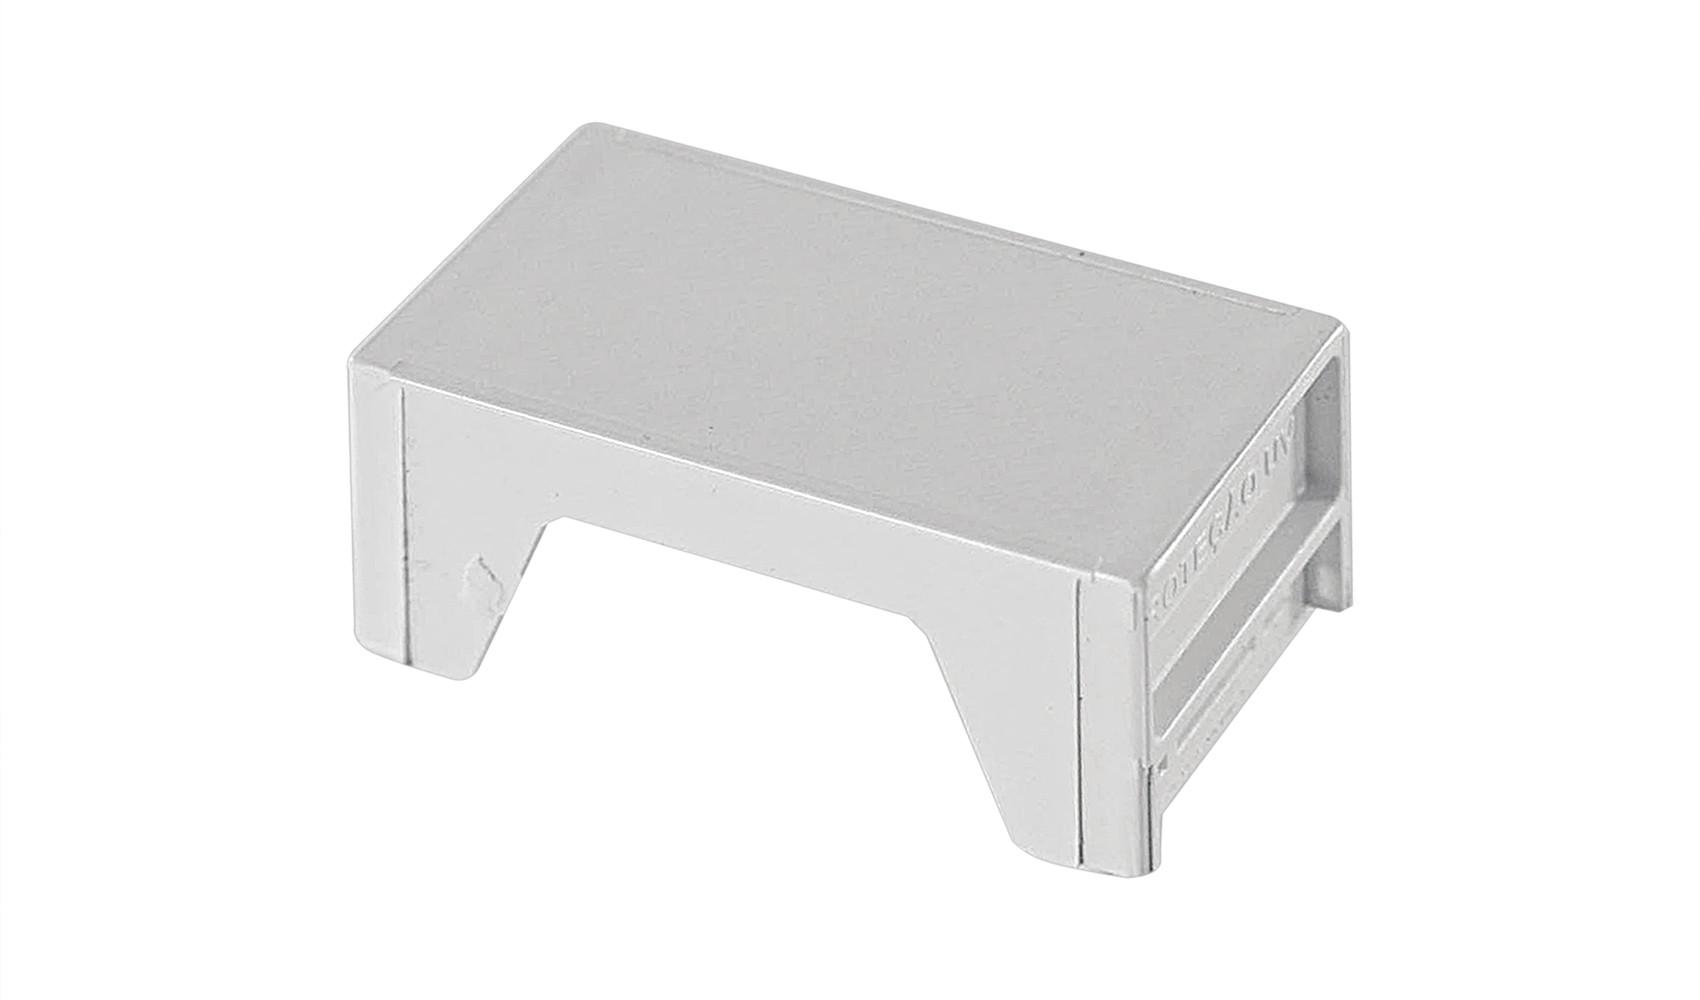 Módulo Cego Slim 8104 Ilumi